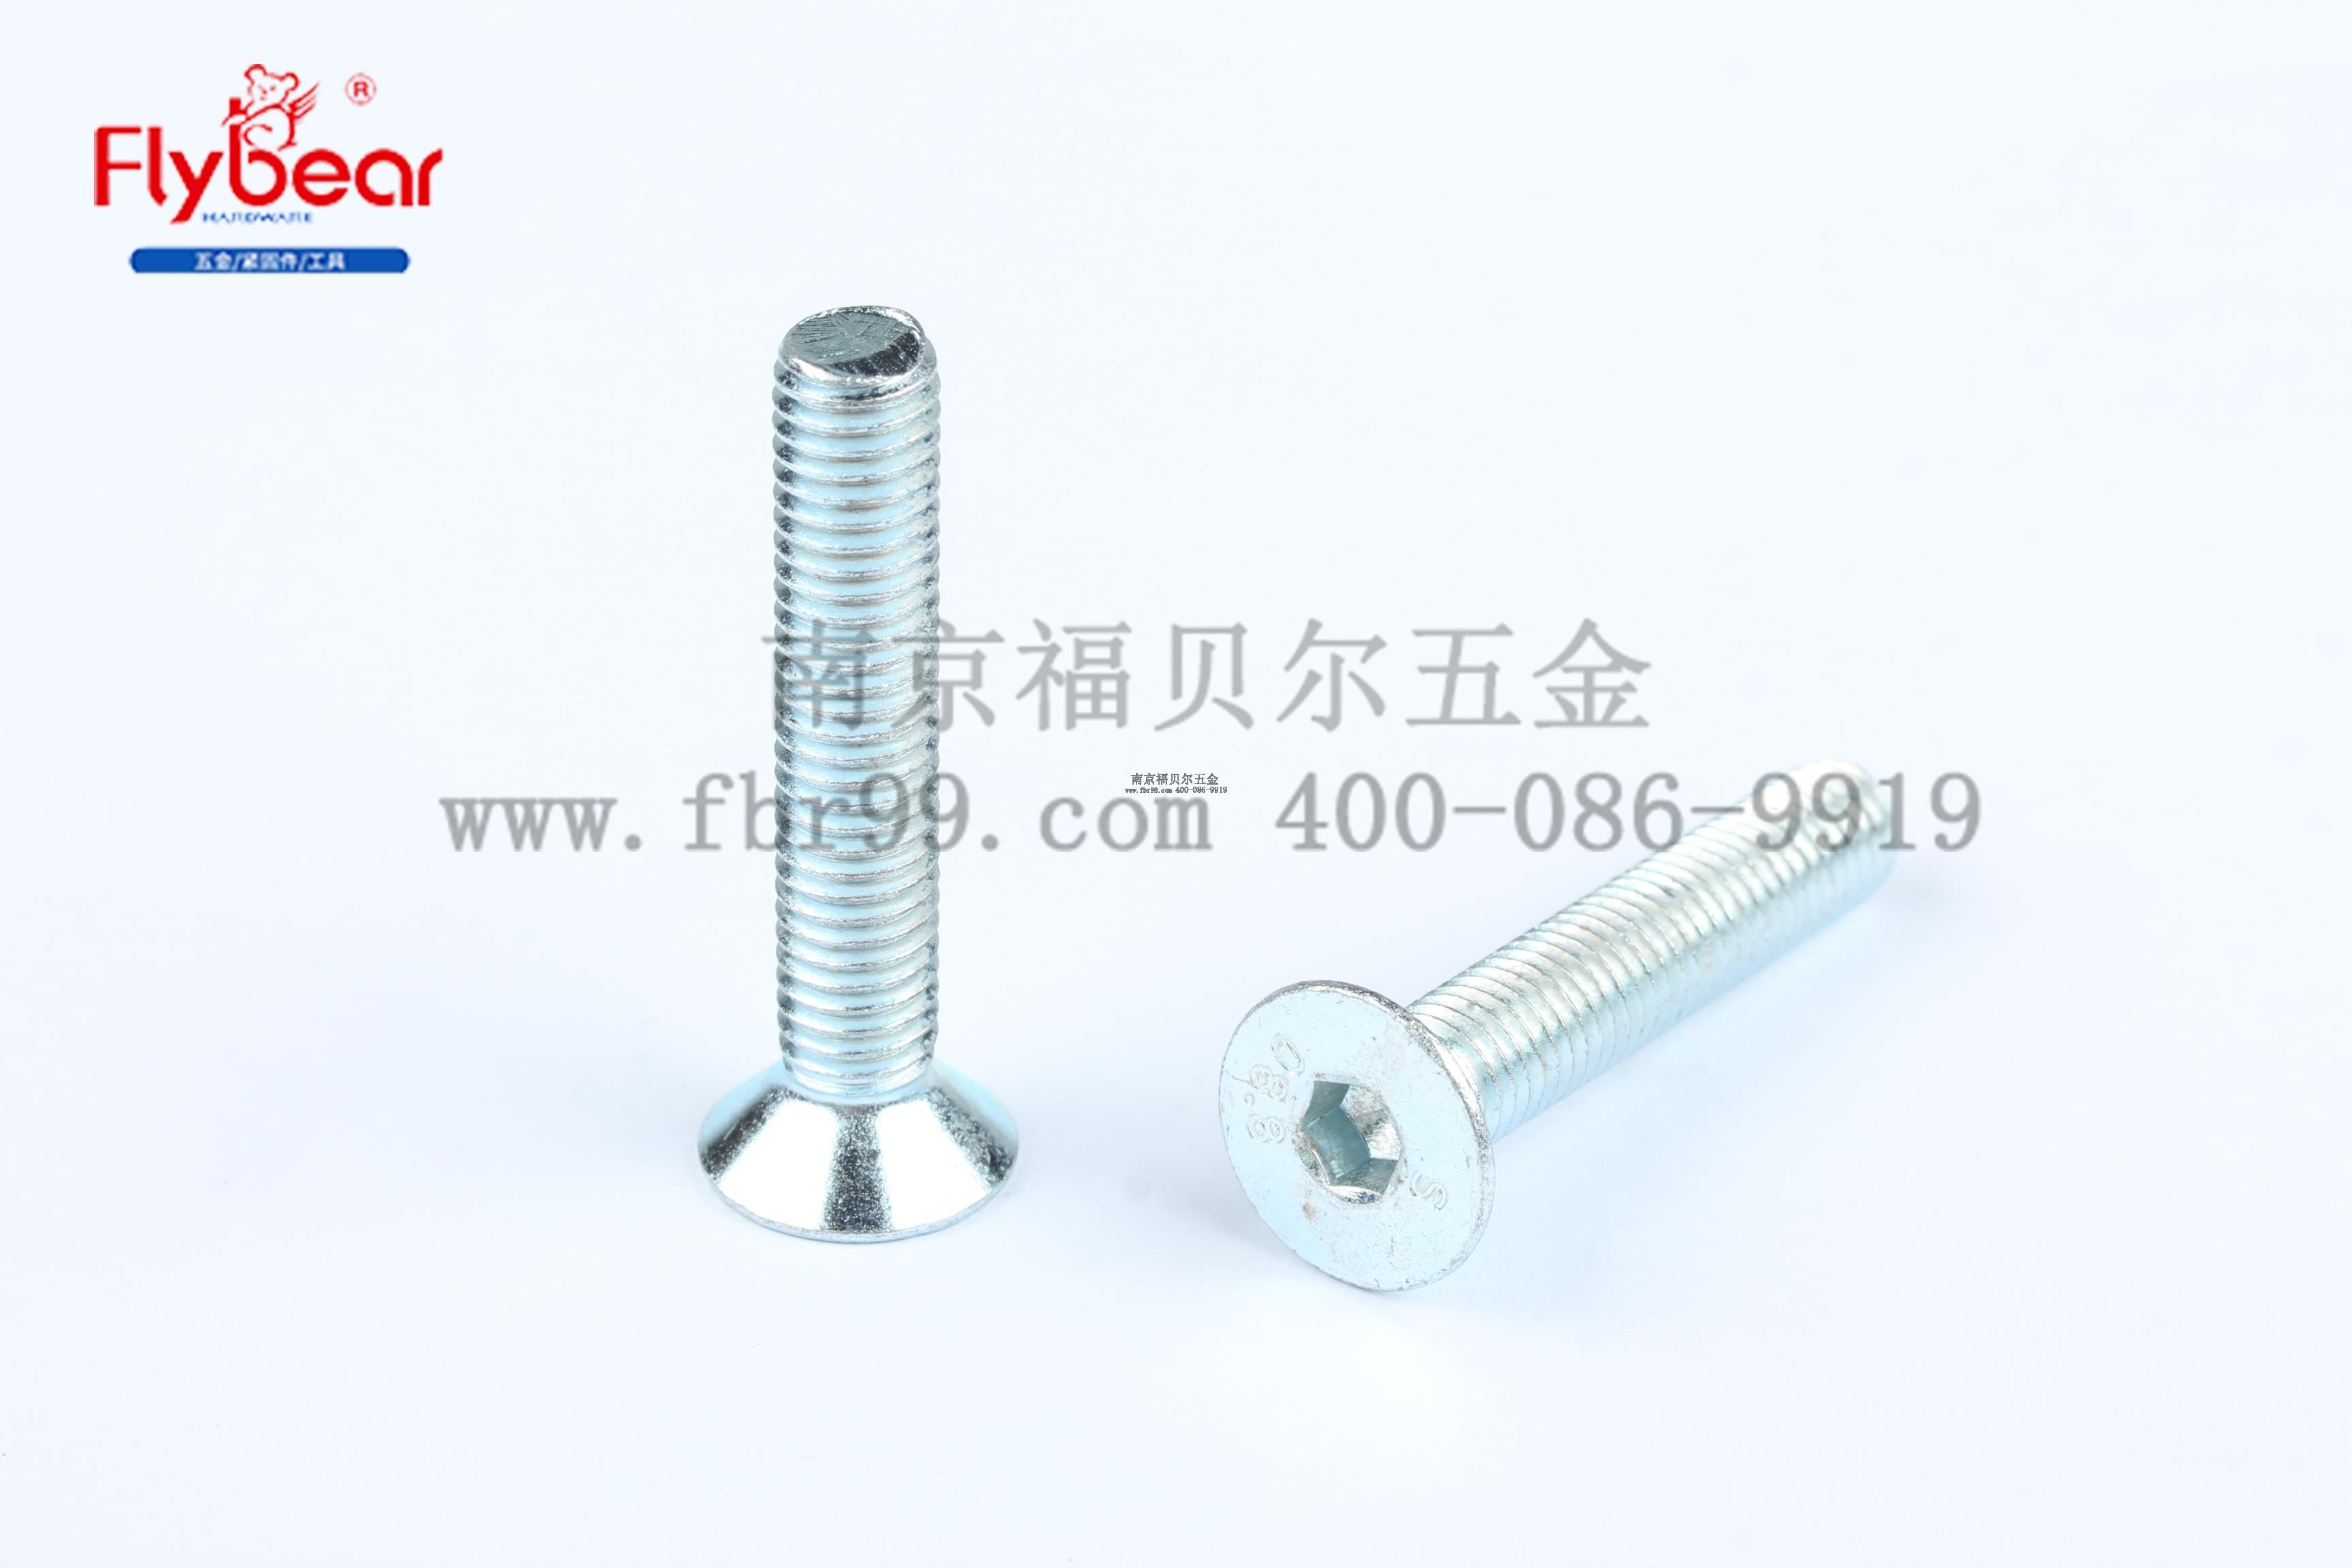 DIN7991 内六角沉头螺栓 碳钢8.8级 镀蓝白锌